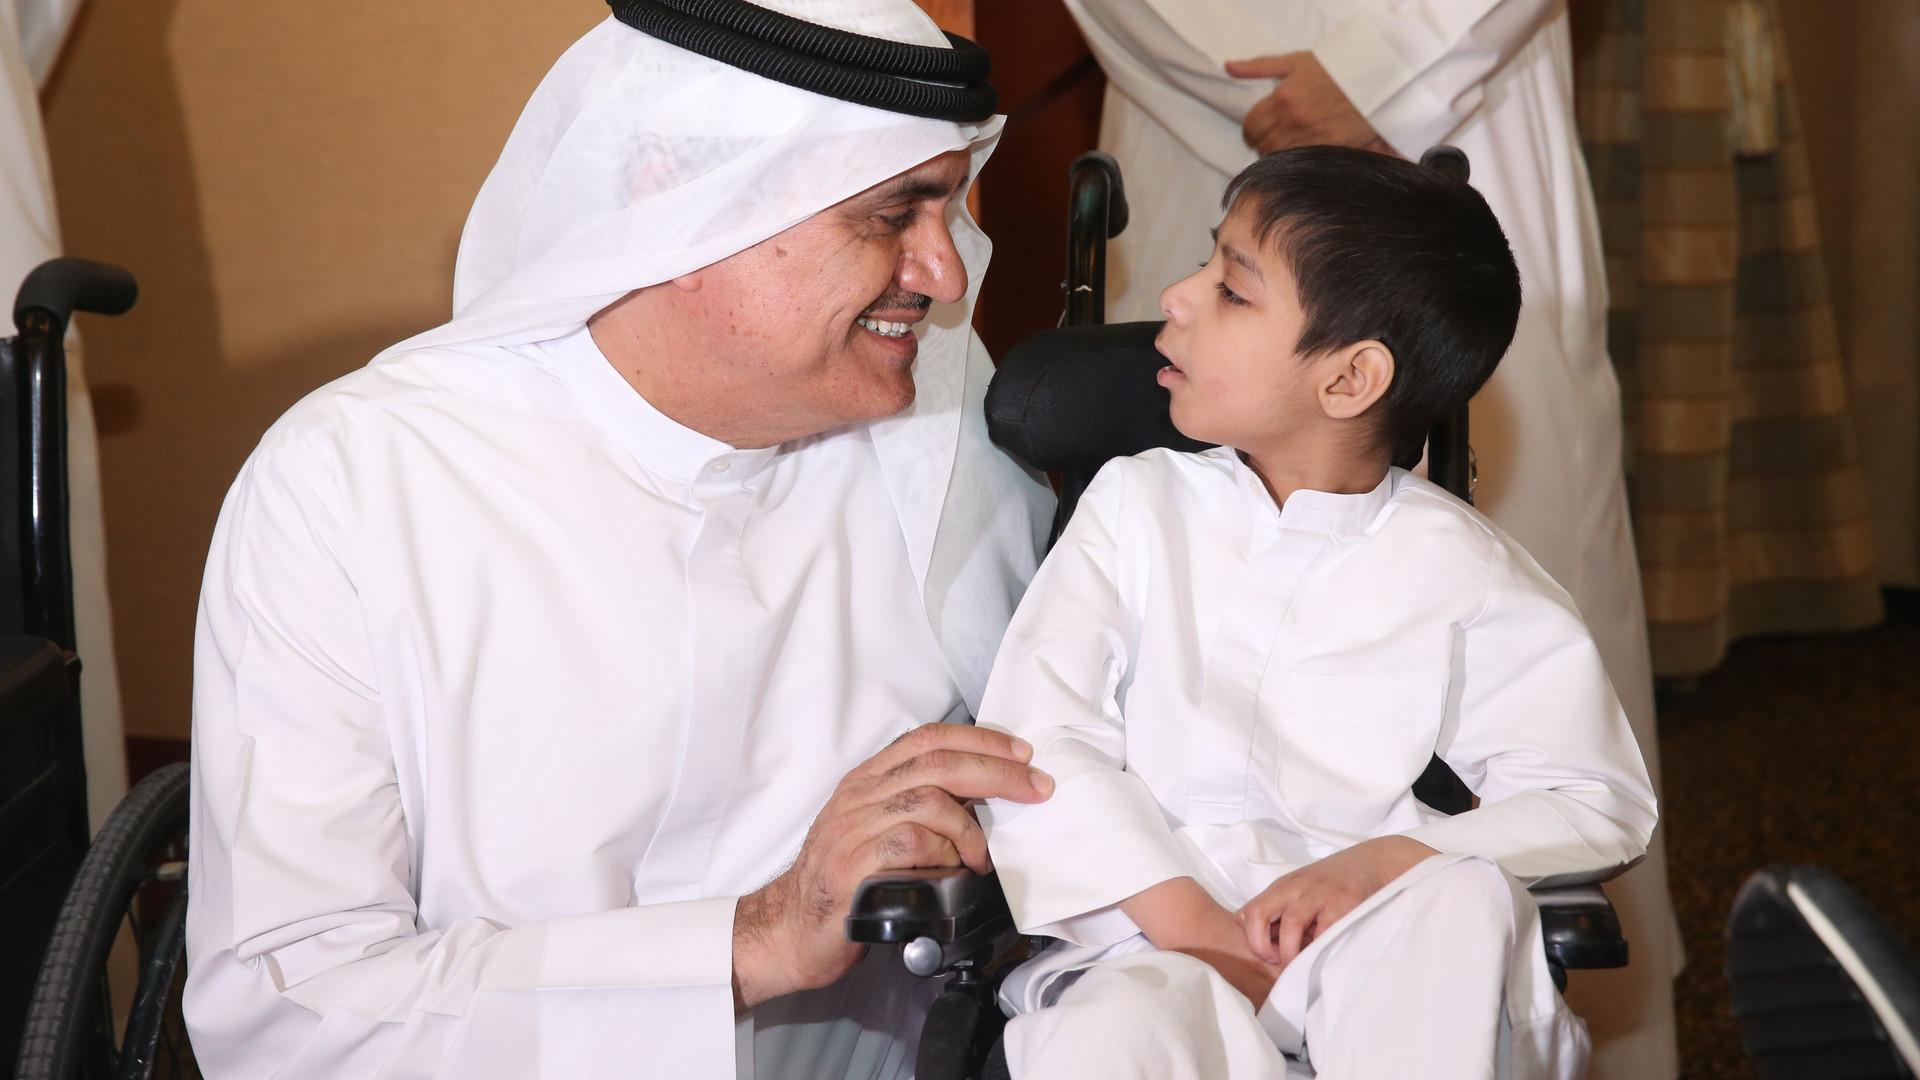 عبد الكريم جلفار مدير عام هيئة تنمية المجتمع.JPG